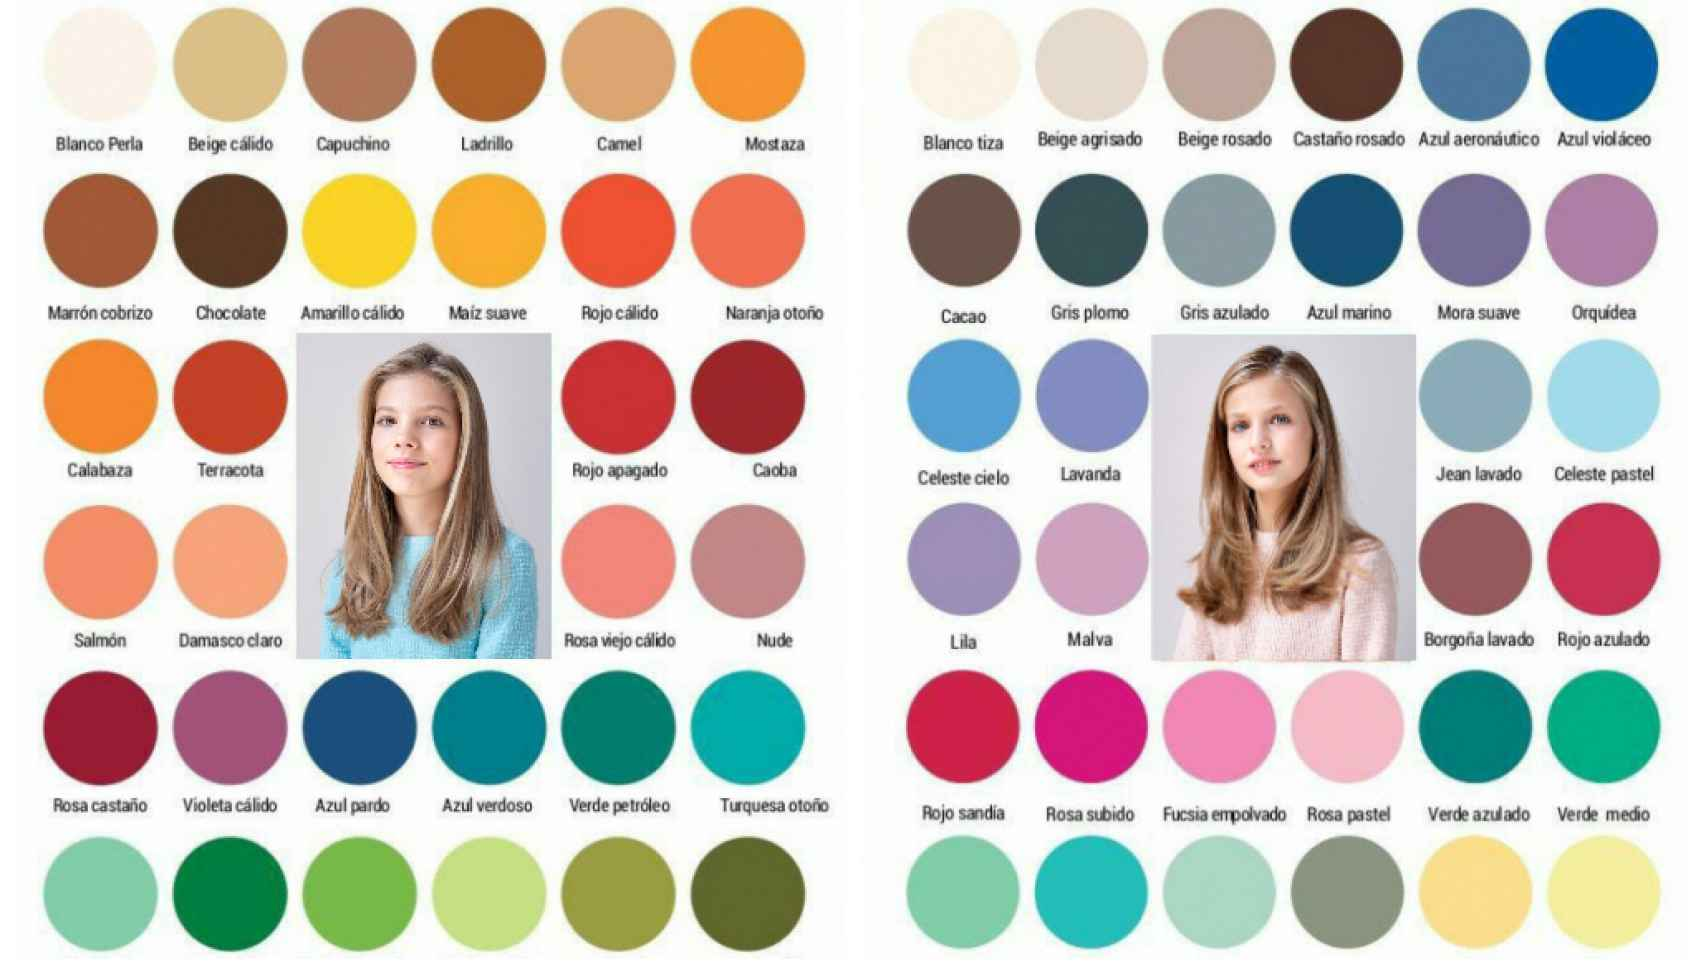 La tabla de colores que favorecen a Leonor y Sofía, elaborada por Antònia Fuster, de Help Estilistas.